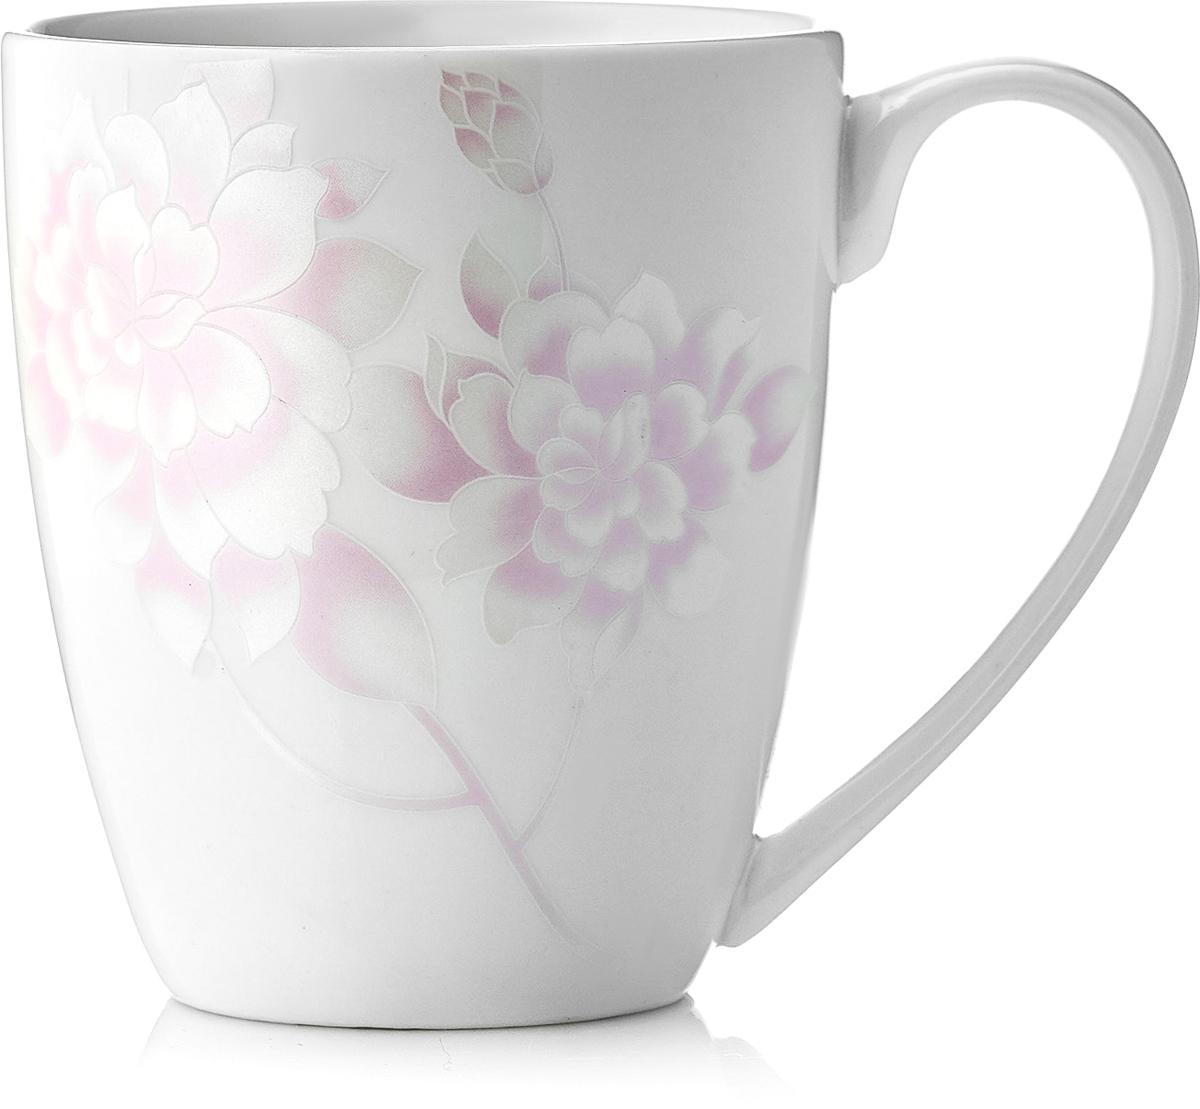 Кружка Esprado Peonies, цвет: белый, светло-розовый, 350 мл. PEO035PE302PEO035PE302Кружка Esprado Peonies, изготовленная из высококачественного твердого фарфора, прекрасно впишется в интерьер вашей кухни и станет достойным дополнением к кухонному инвентарю.Над созданием дизайна коллекций посуды из твердого фарфора Esprado работает международная команда высококлассных дизайнеров, не только воплощающих в жизнь все новейшие тренды, но также и придерживающихся многовековых традиций при создании классических коллекций. Посуда из твердого фарфора будет идеальным выбором, для тех, кто предпочитает красивую современную посуду из высококачественного материала.